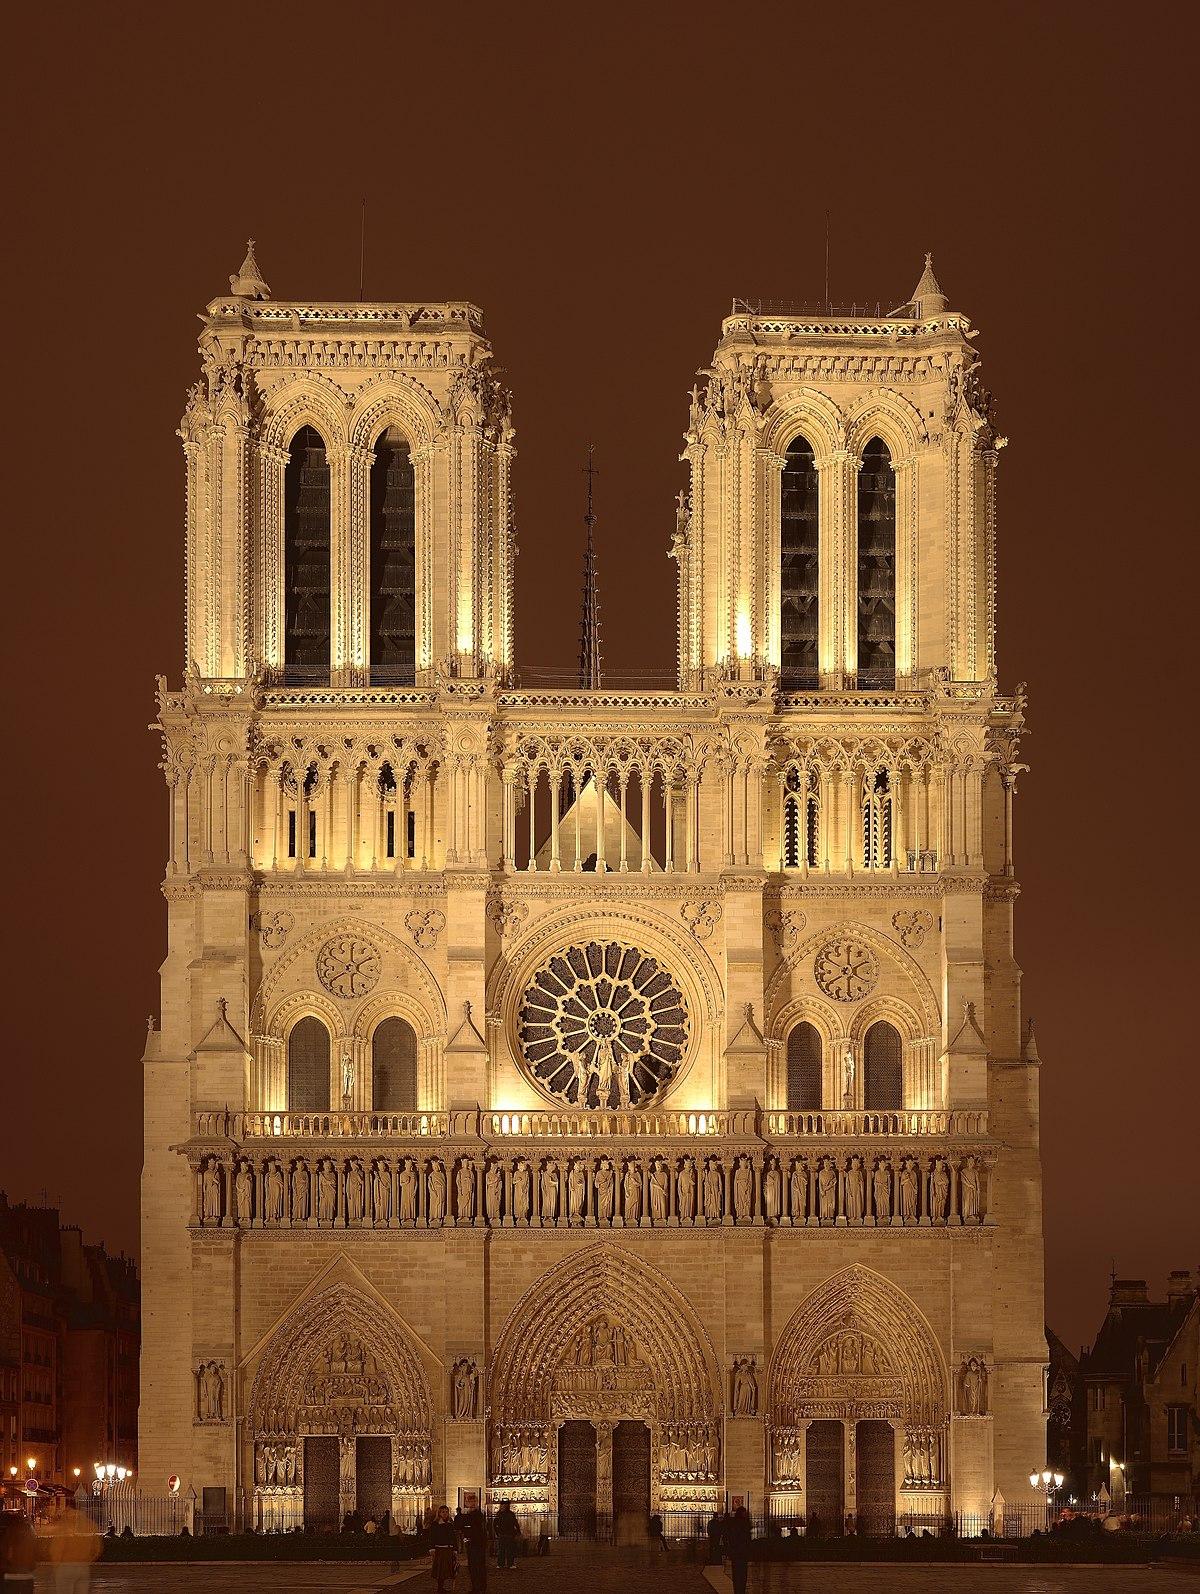 Notre-Dame van Parijs - Wikipedia